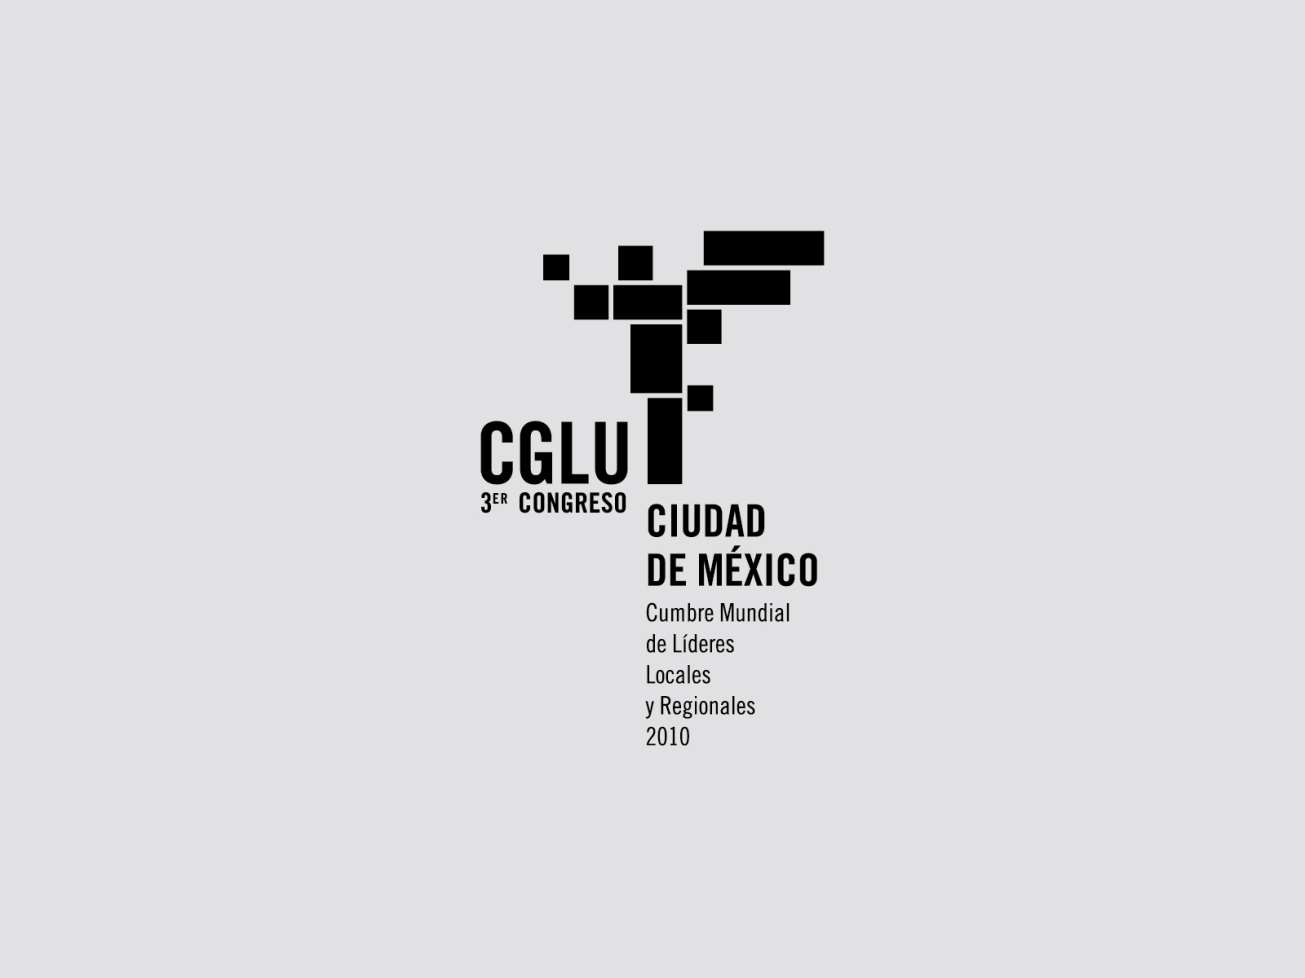 logos2005-20176